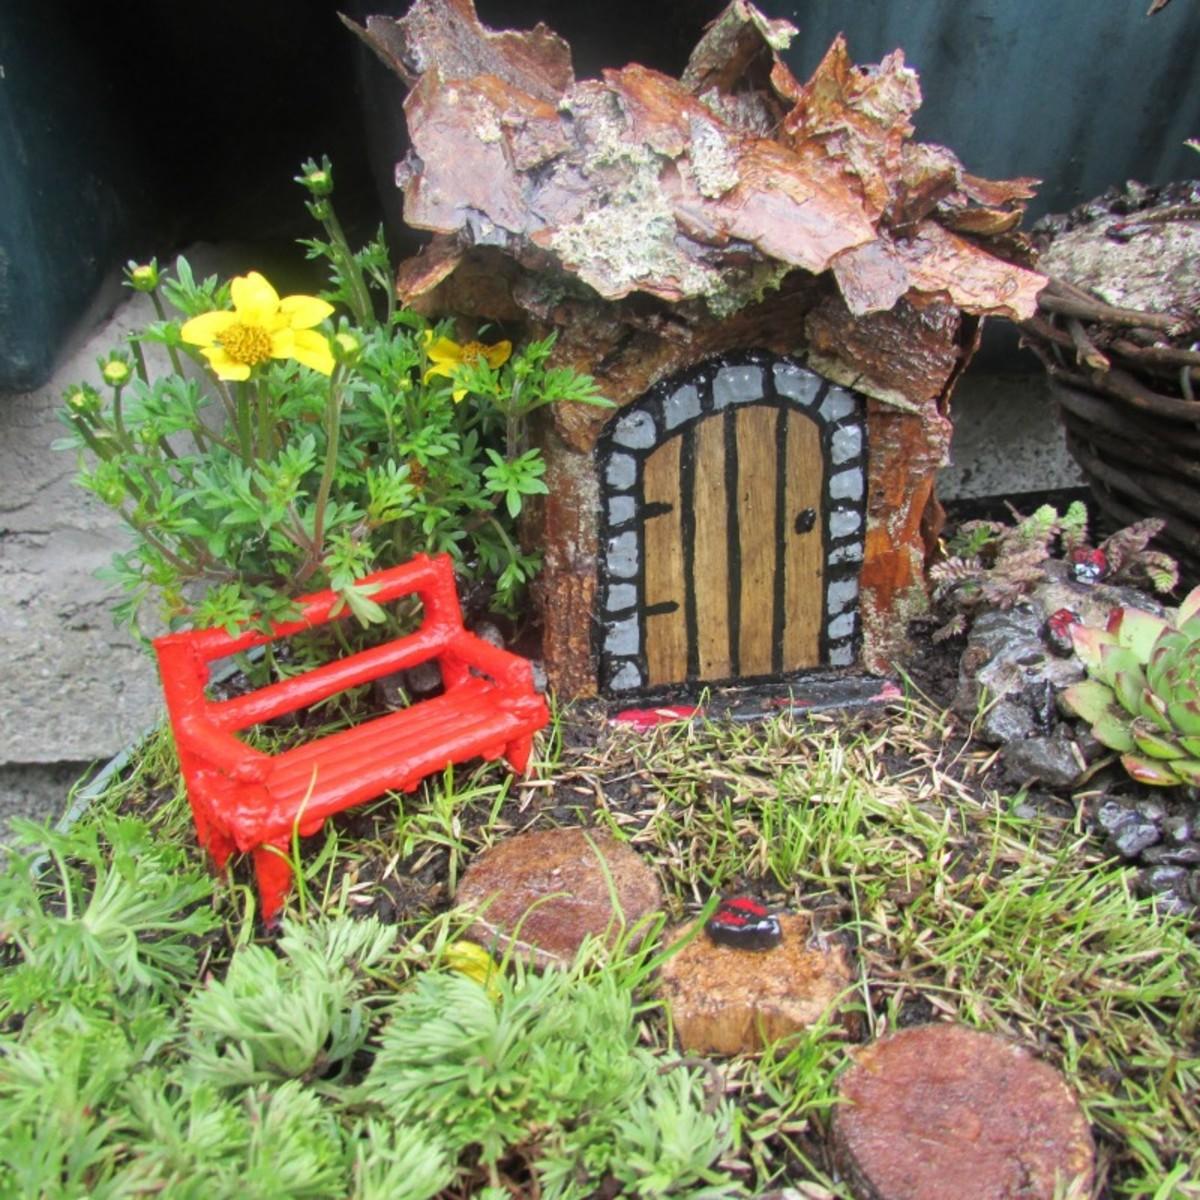 A wooden bench in my Fairy garden